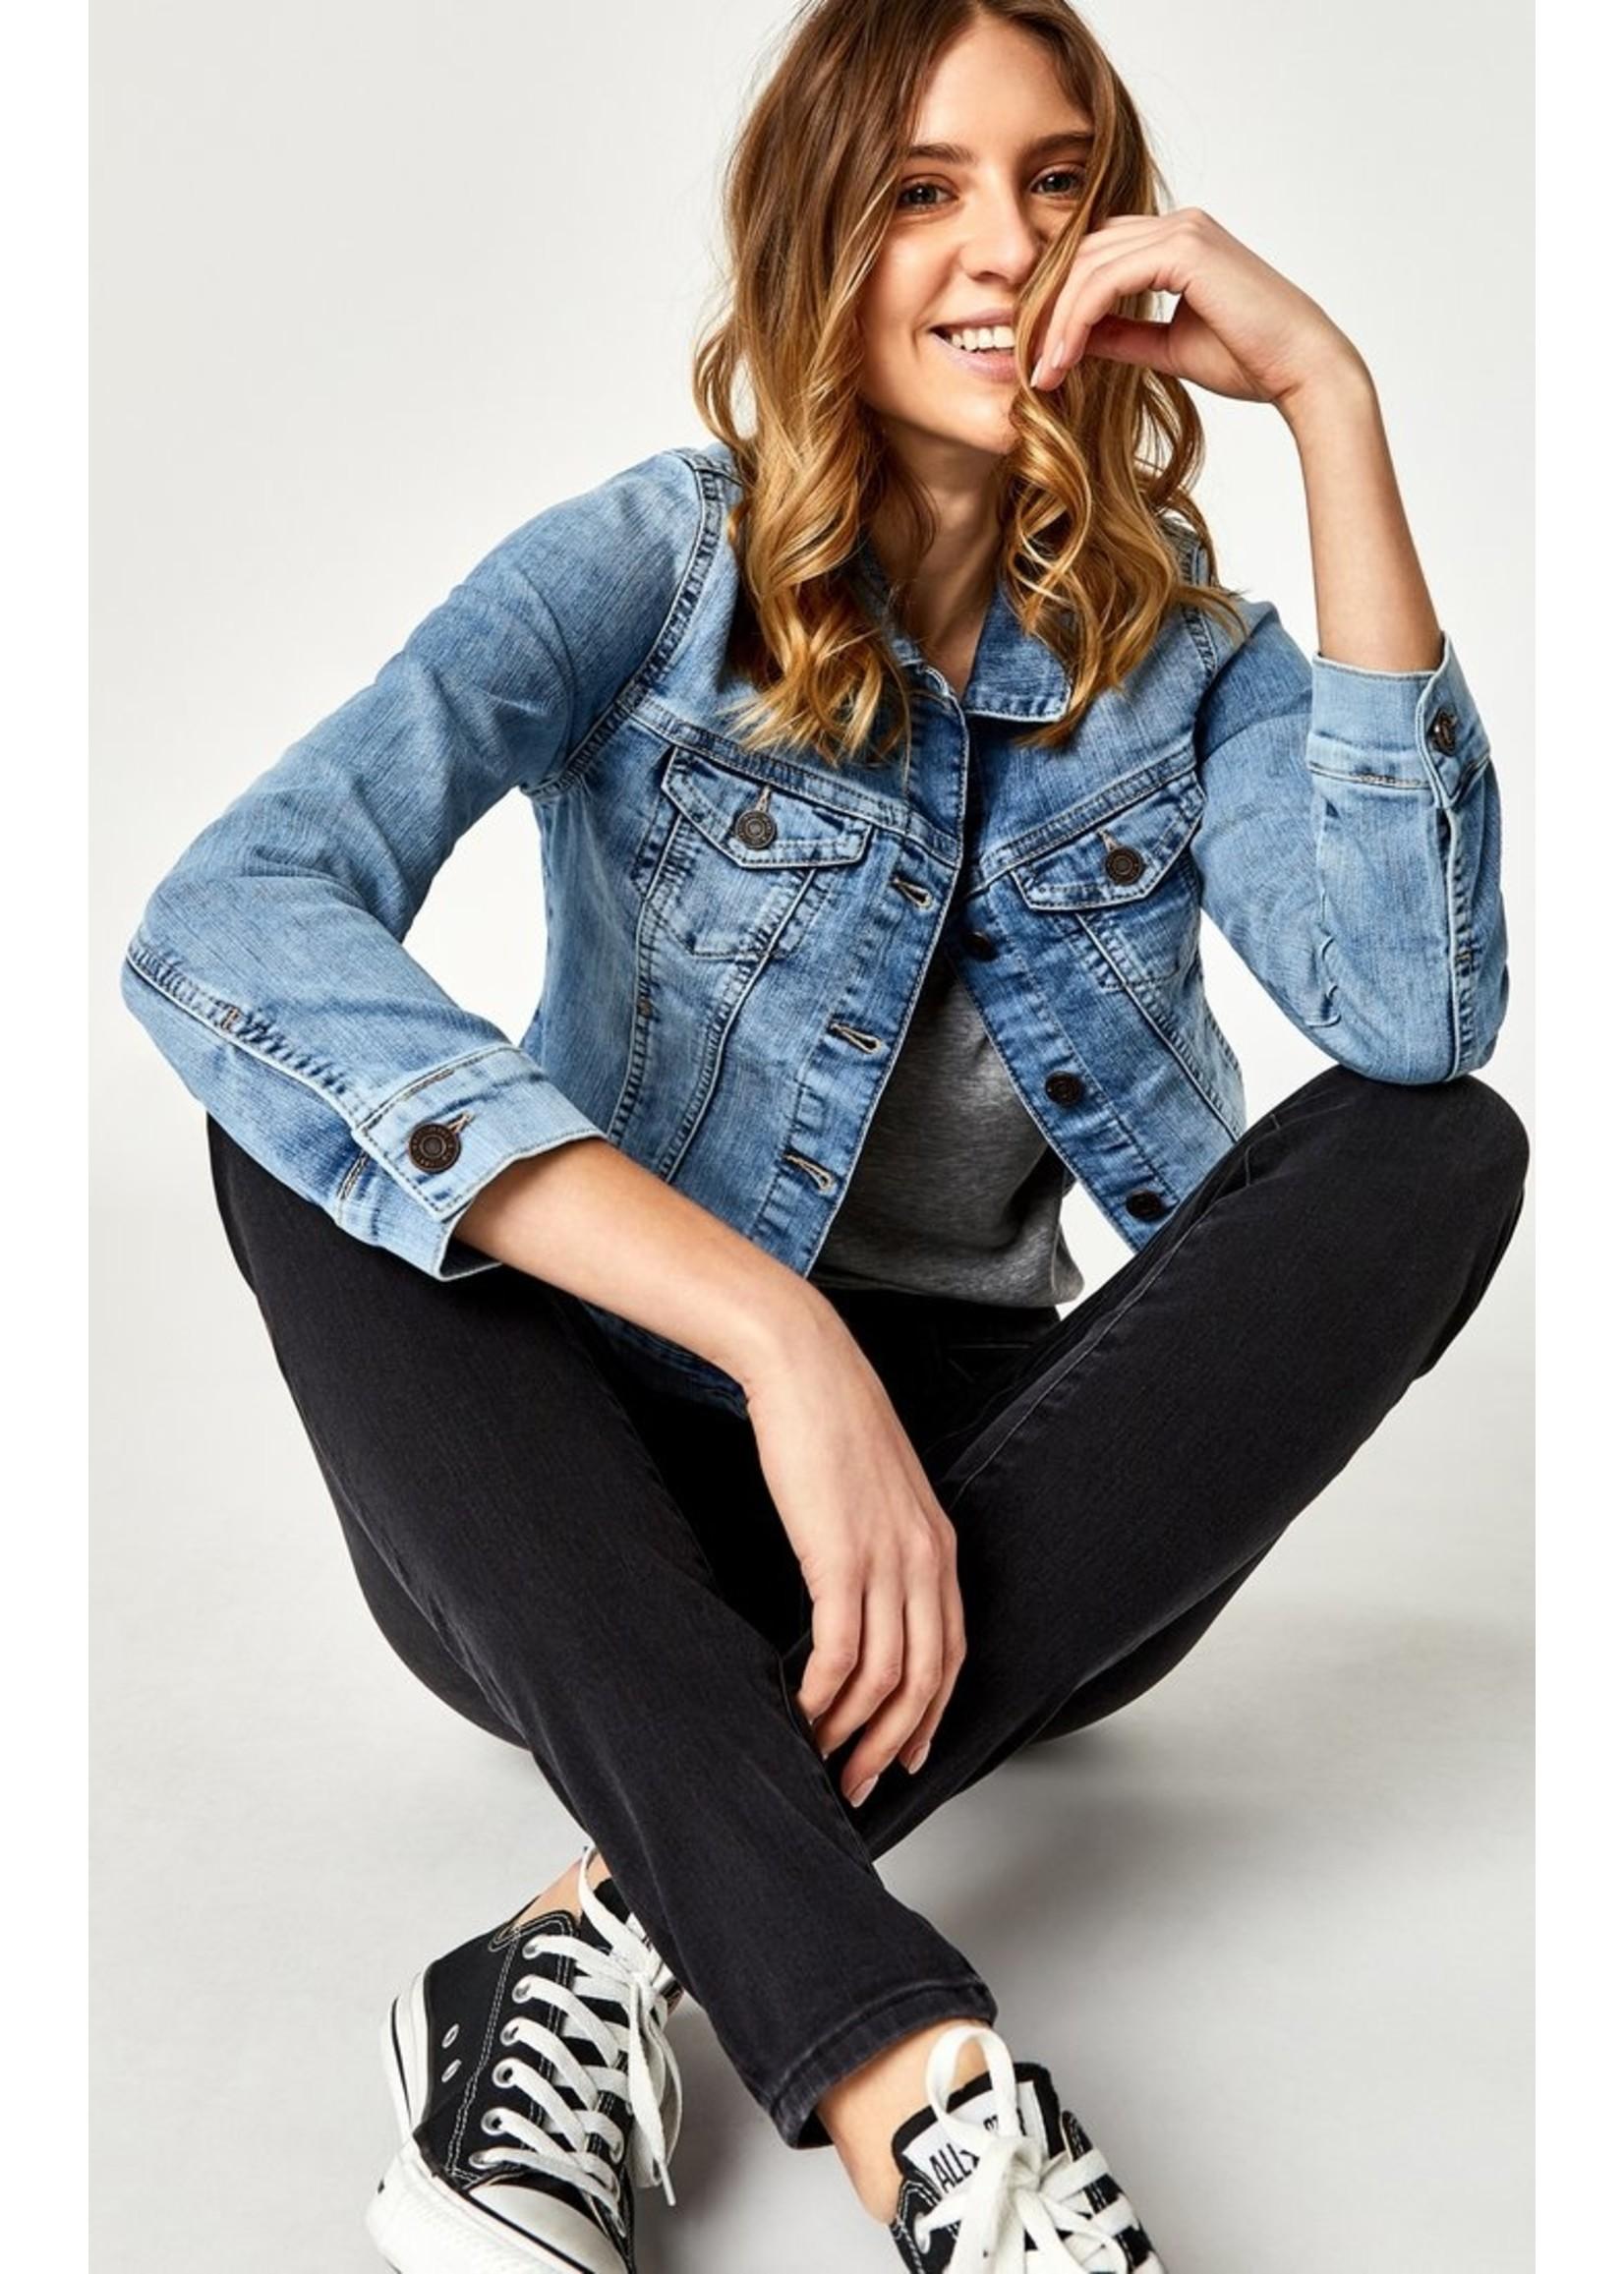 Mavi Jeans Samantha